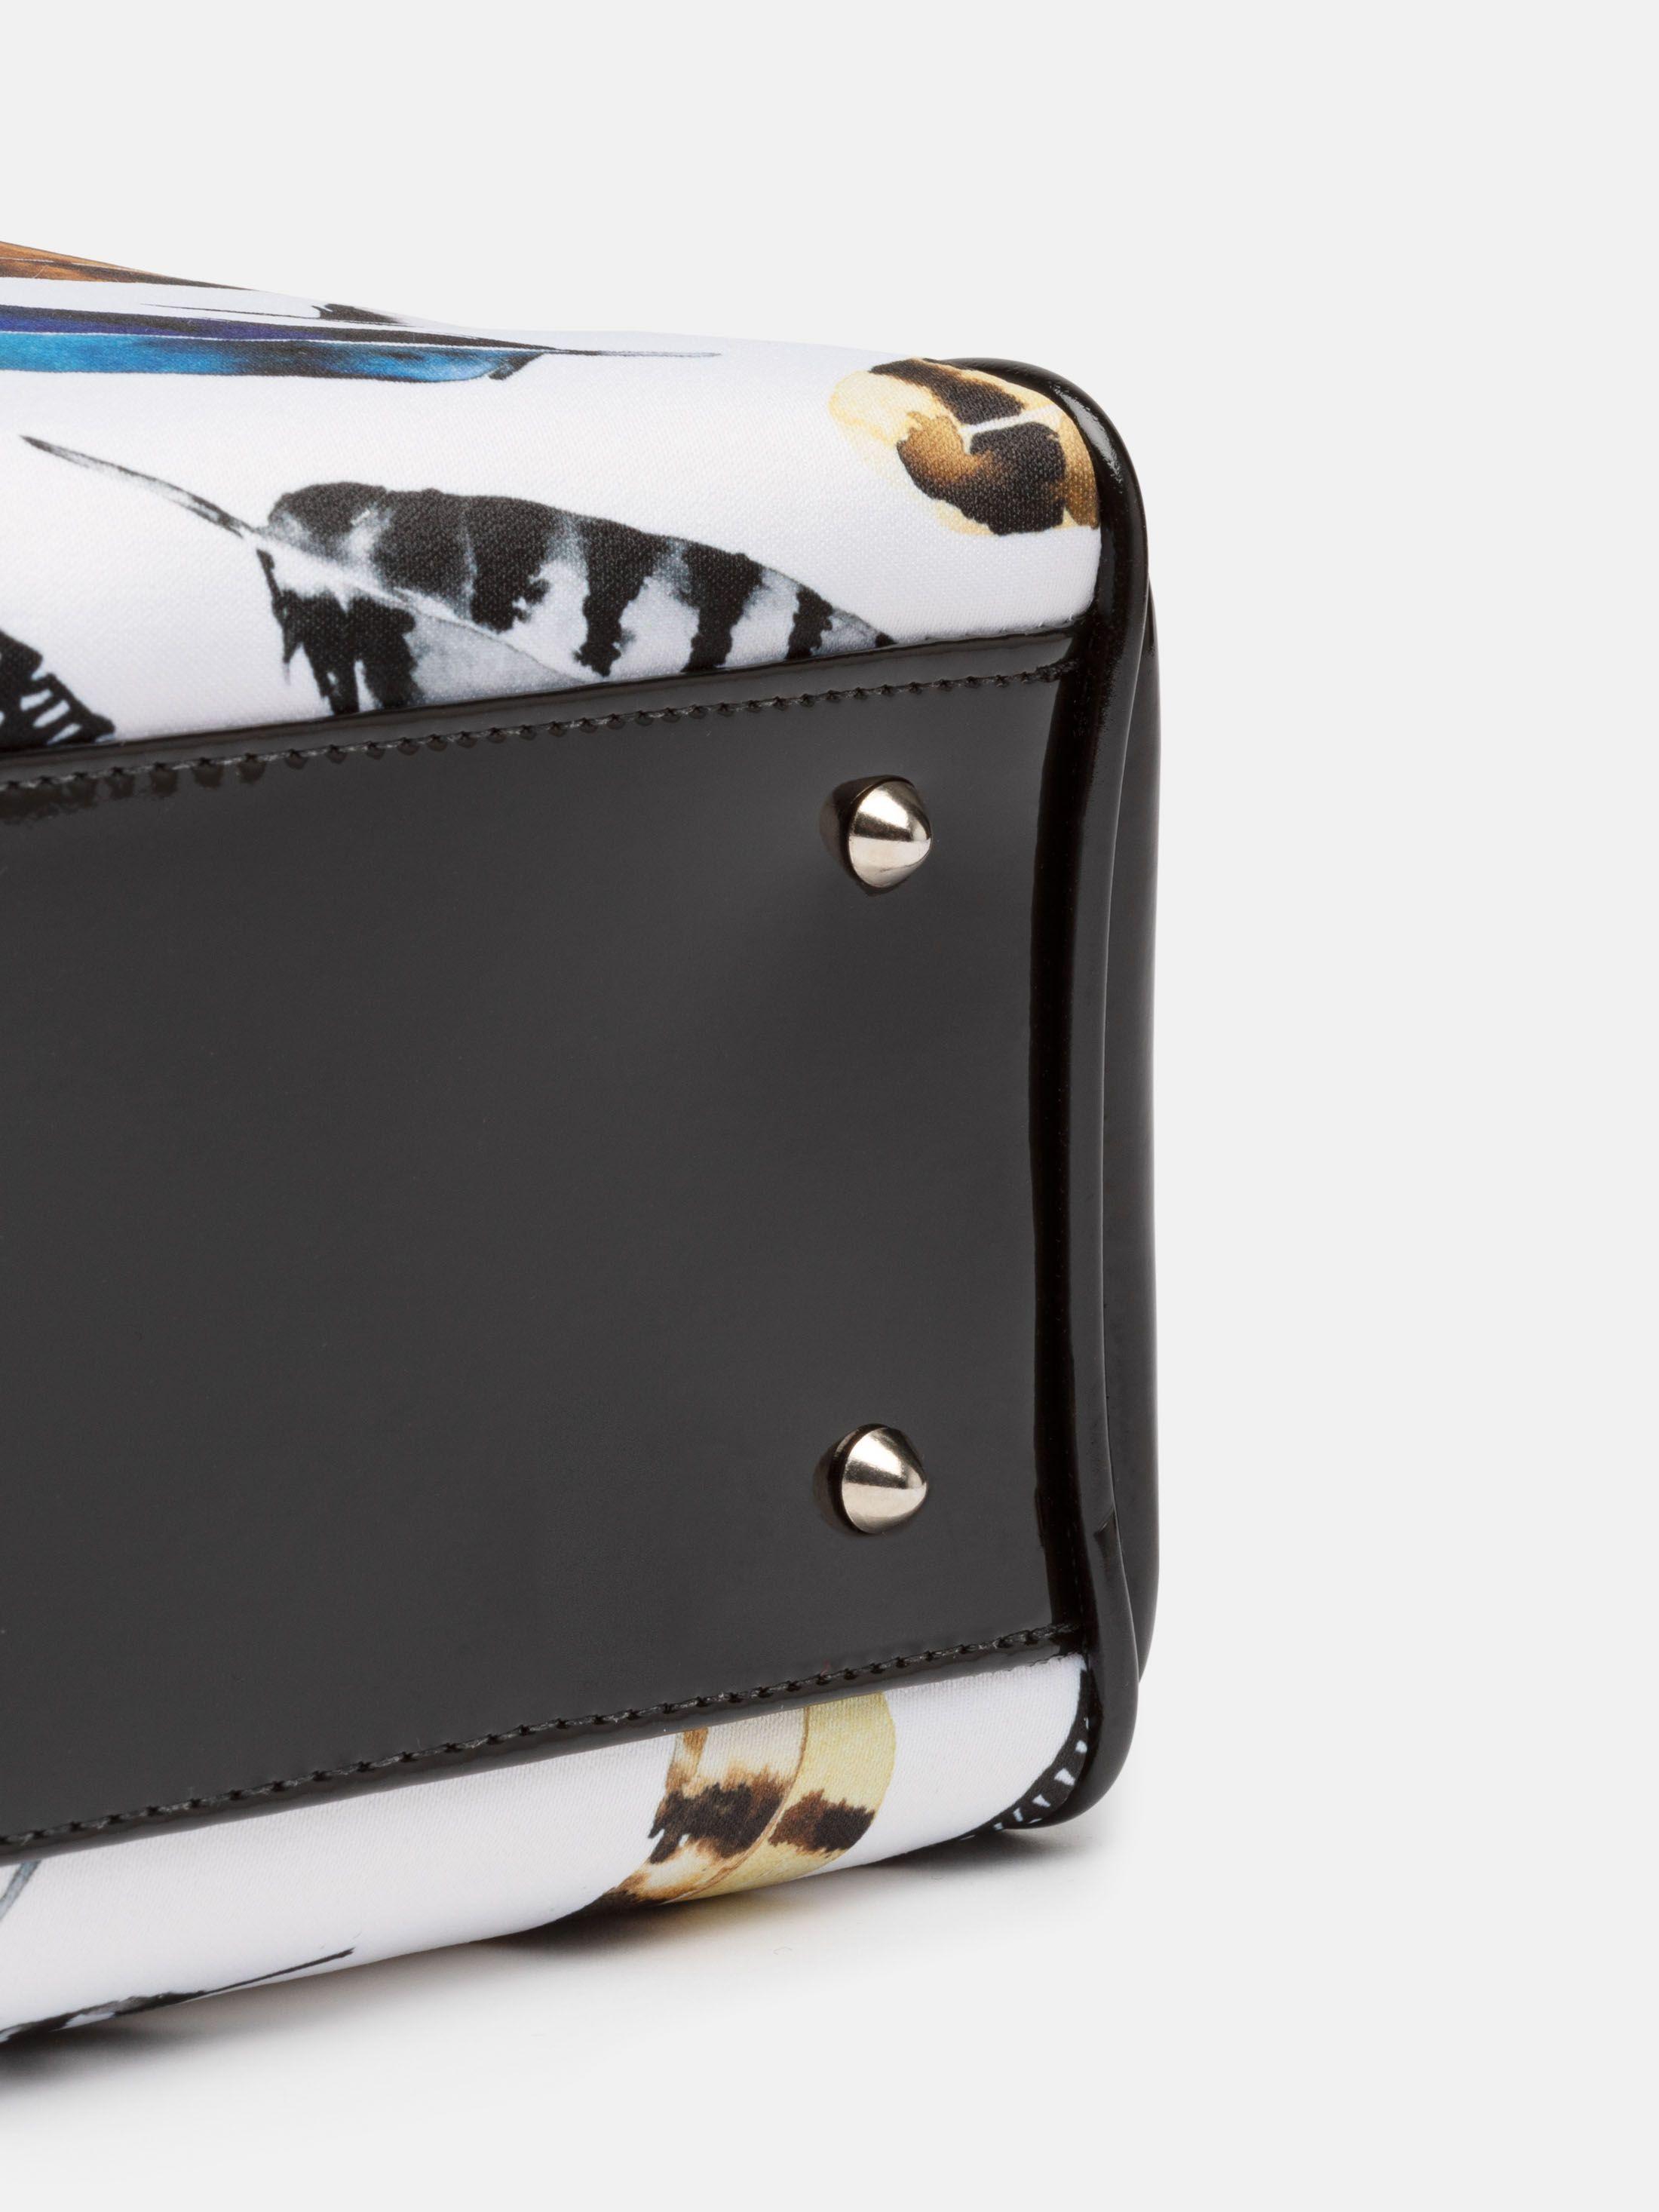 handtasche selbst gestalten mit eigenem design